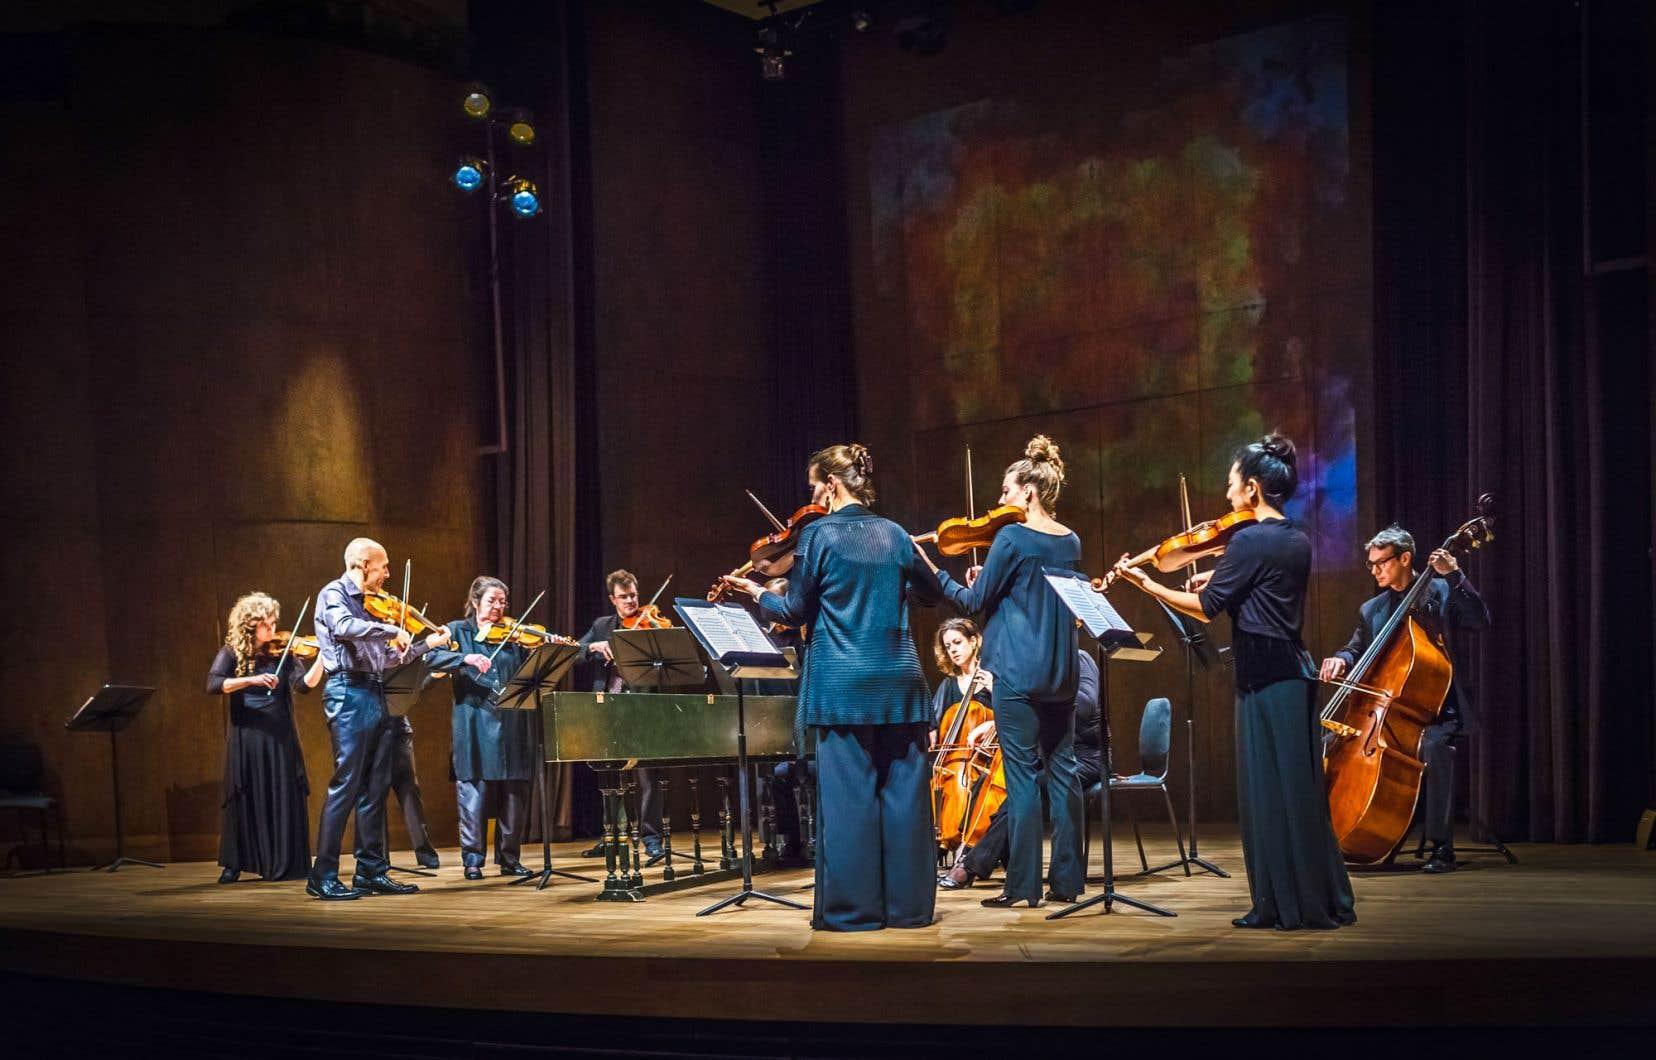 L'orchestre baroque Arion